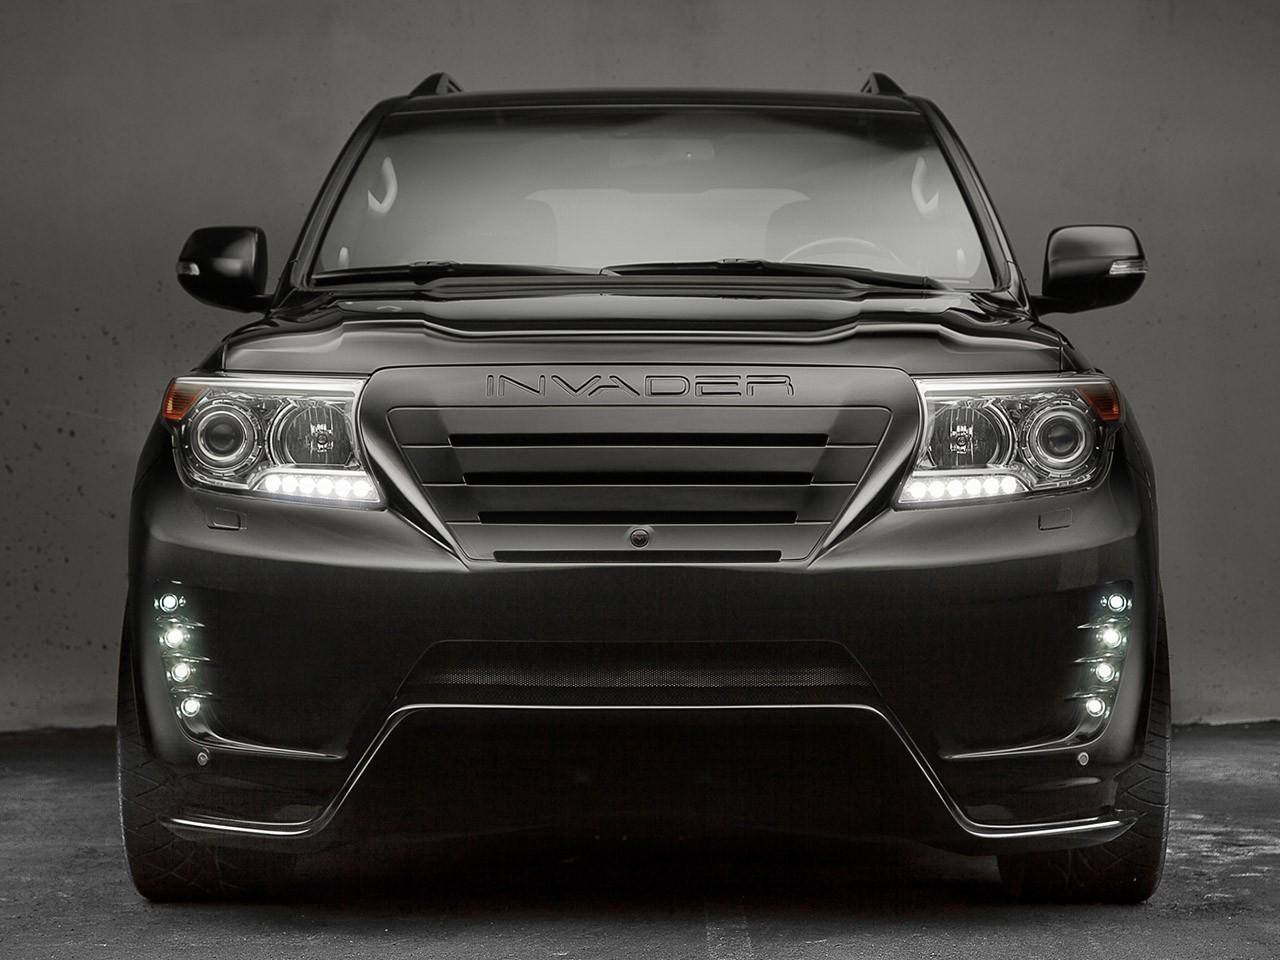 2013 ASI Toyota Land Cruiser 200 Invader T30